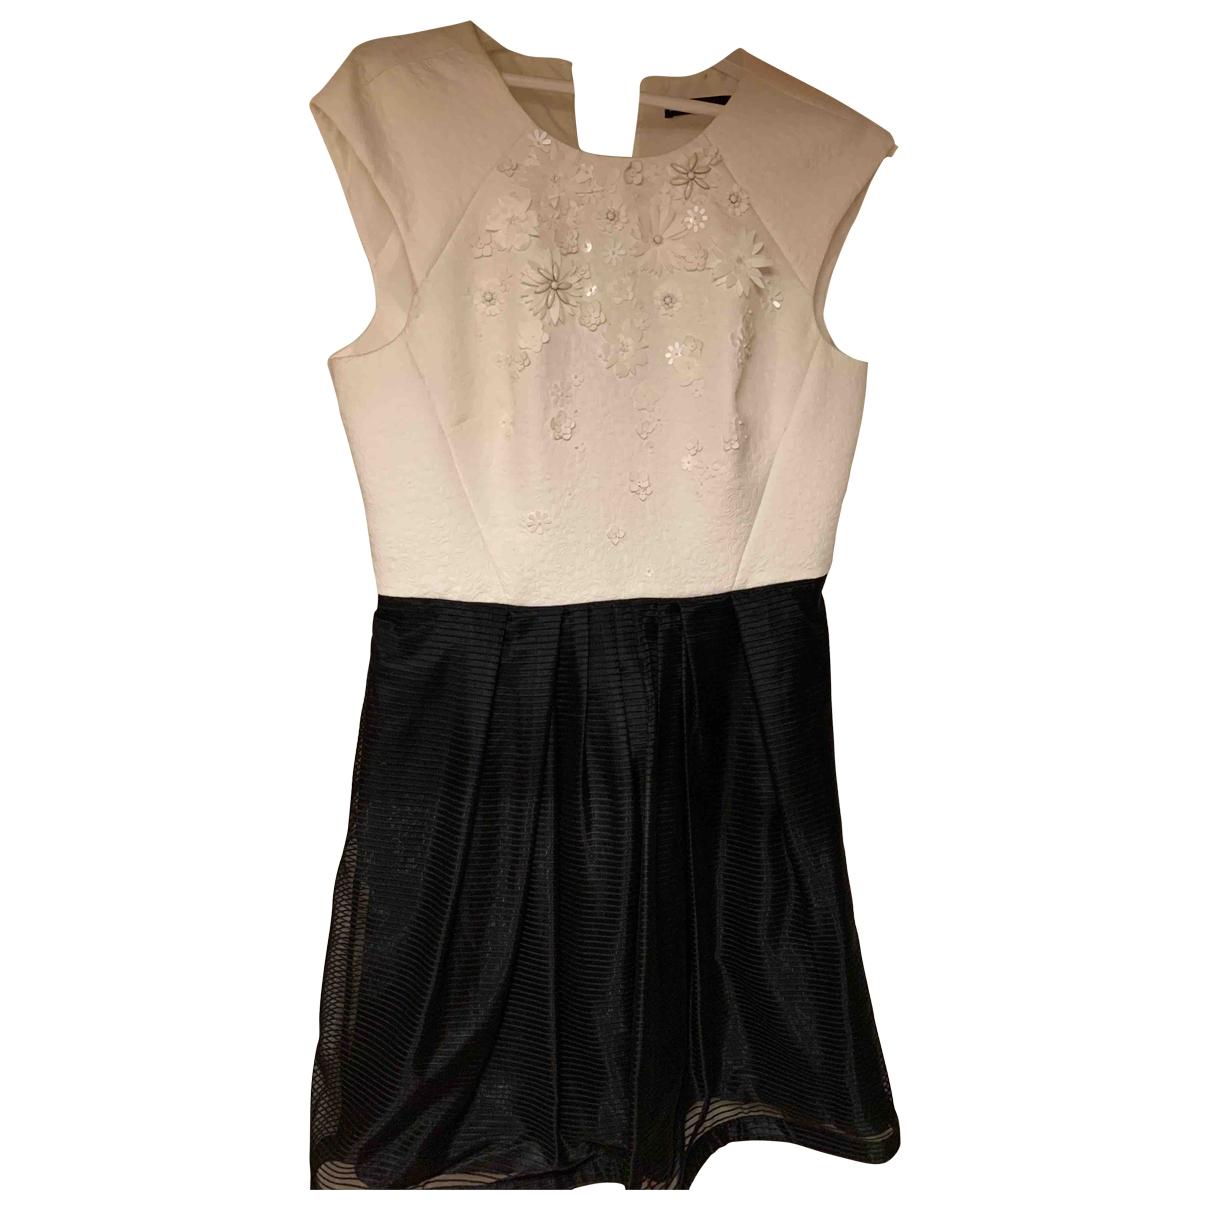 Karen Millen \N Kleid in  Bunt Polyester